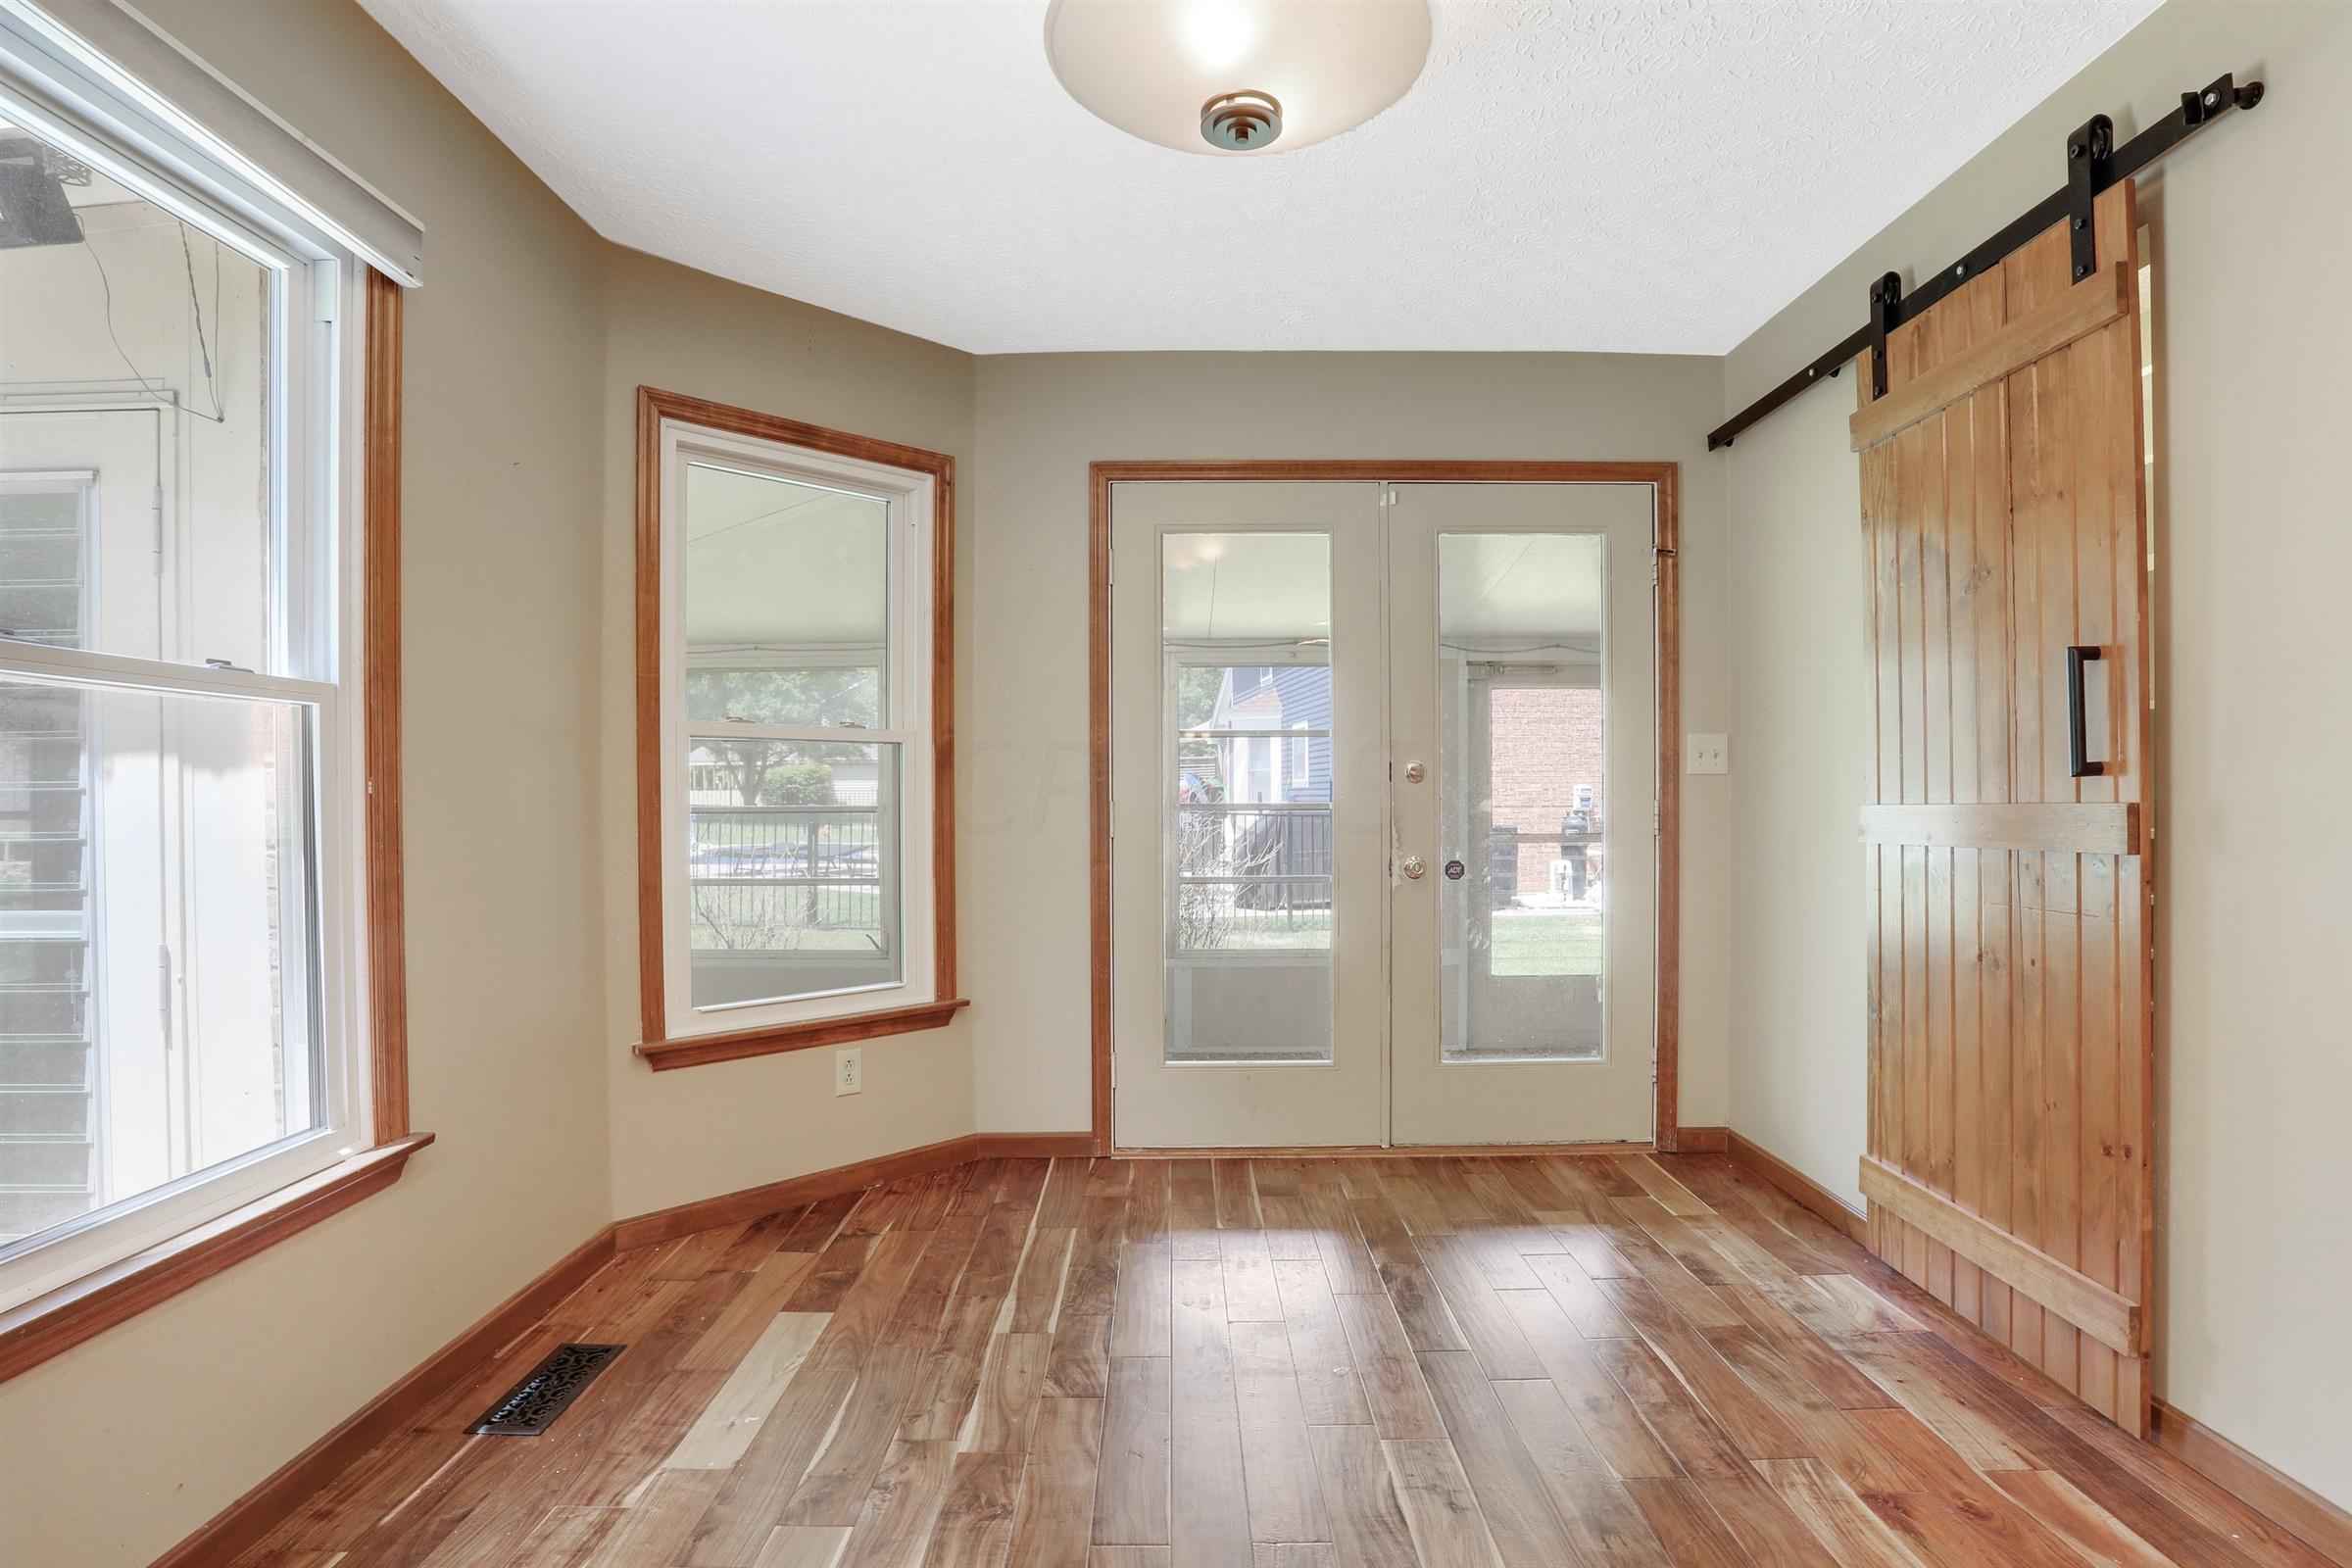 5163 Hagan Court, Dublin, Ohio 43016, 4 Bedrooms Bedrooms, ,3 BathroomsBathrooms,Residential,For Sale,Hagan,220020943